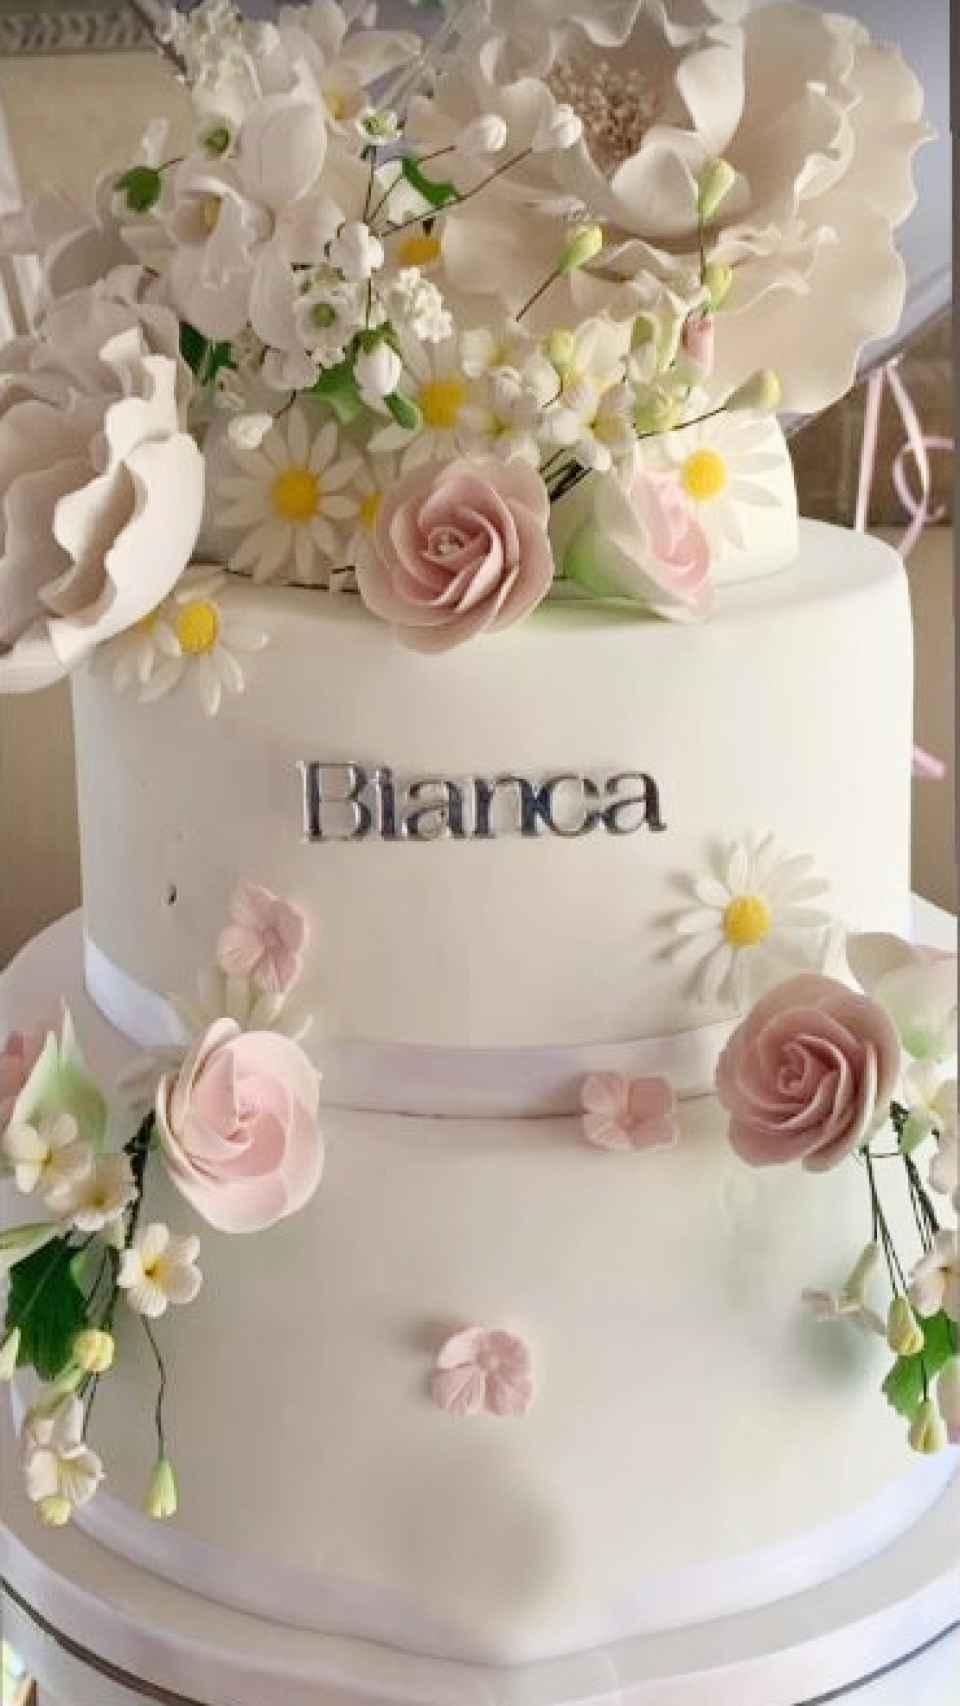 Vanesa Pinedo creó la tarta de la comunión de Bianca Ponce Cuevas.